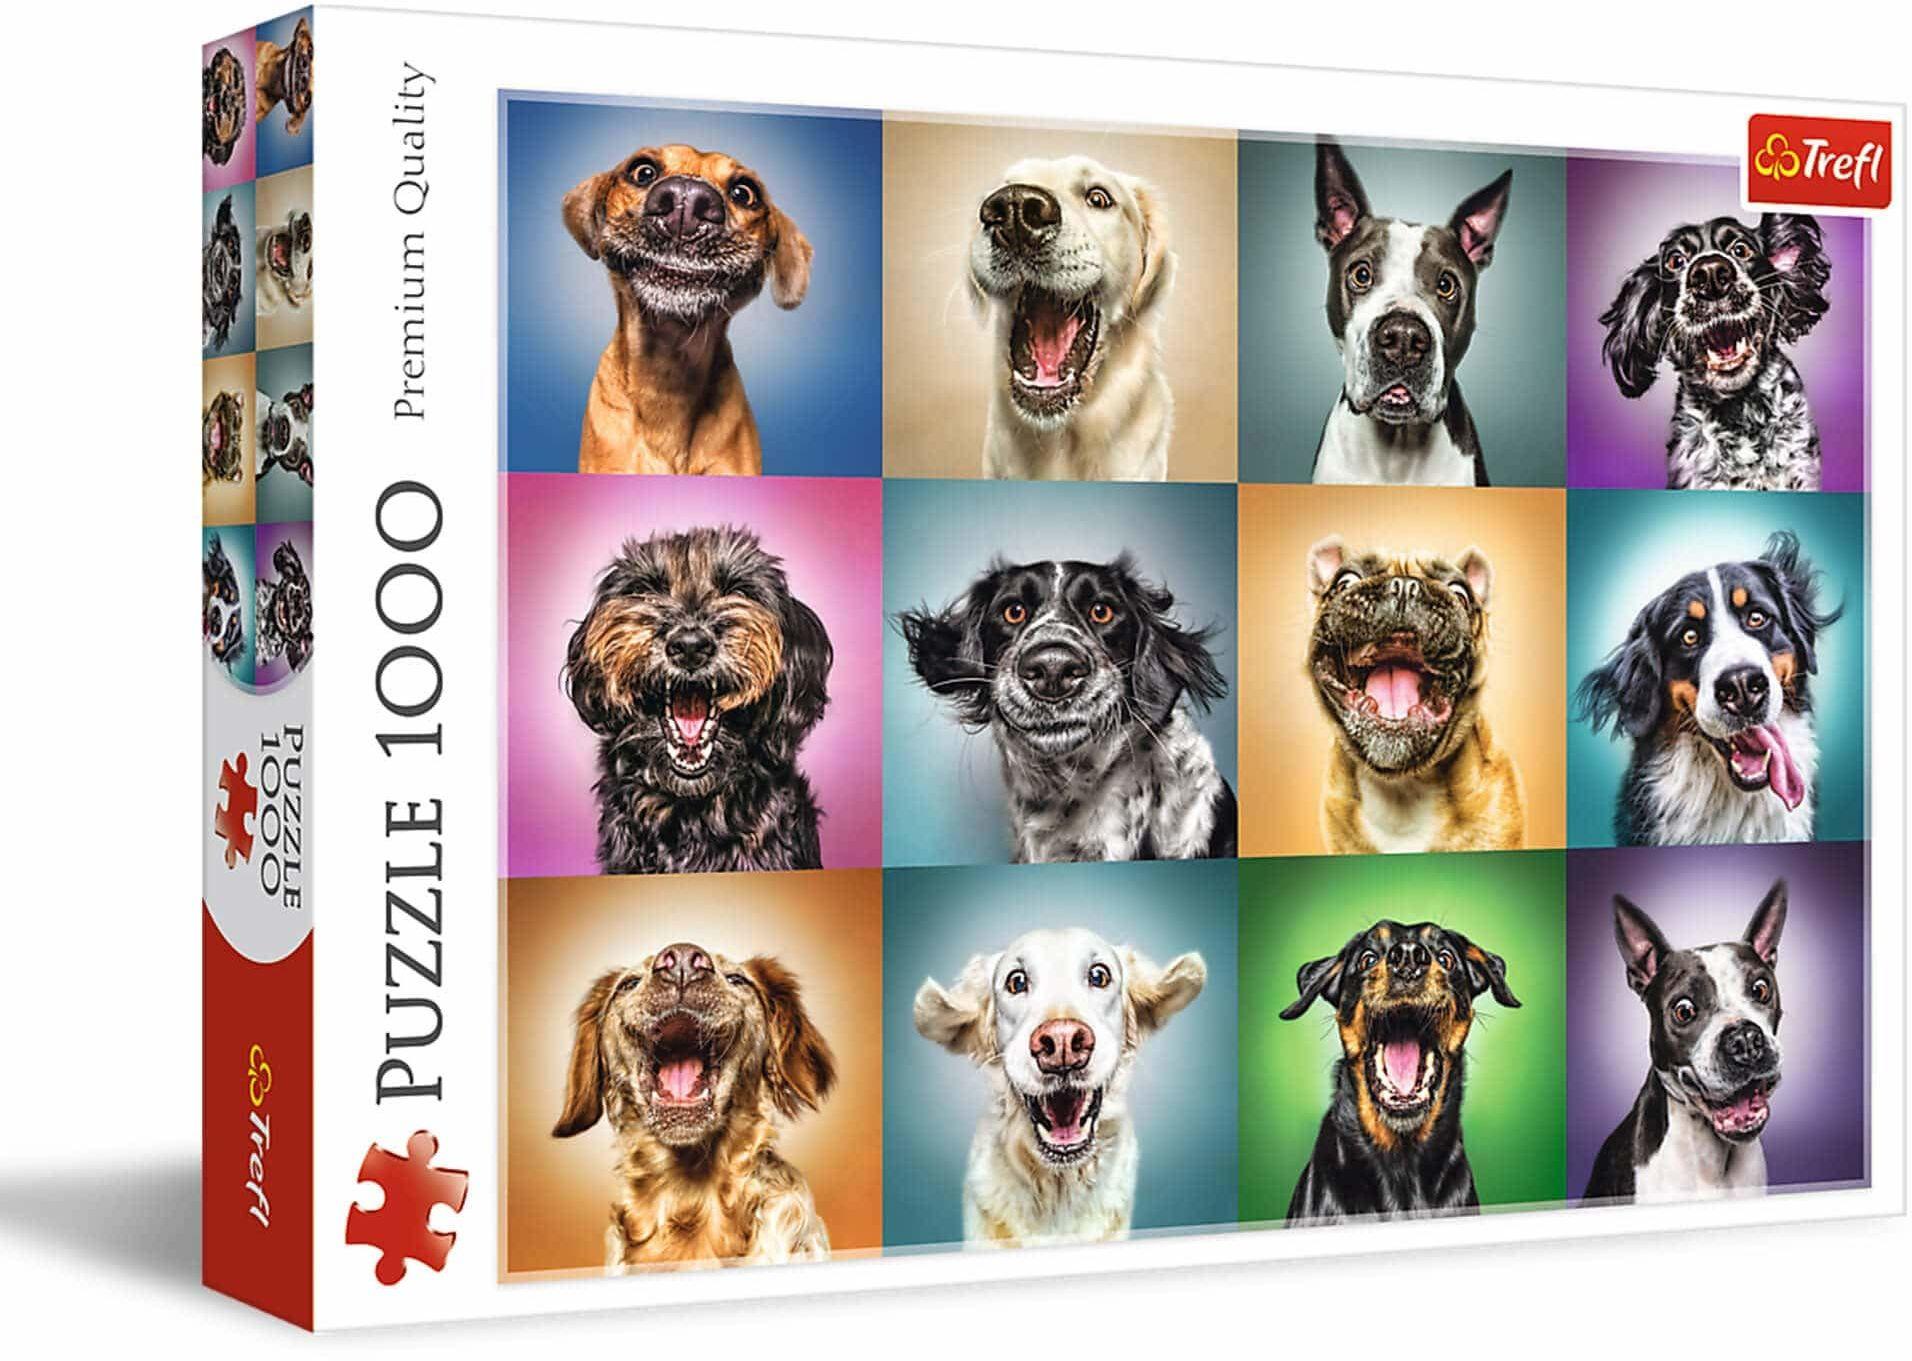 Trefl - Zabawne Psie Portrety - 1000 Elementów, Psy, Śmieszne Psy, Zabawne Psy, Psie Portrety, Układanka DIY, Kreatywna Rozrywka, Prezent, Zabawa, Puzzle Klasyczne dla Dorosłych i Dzieci od 12 Lat